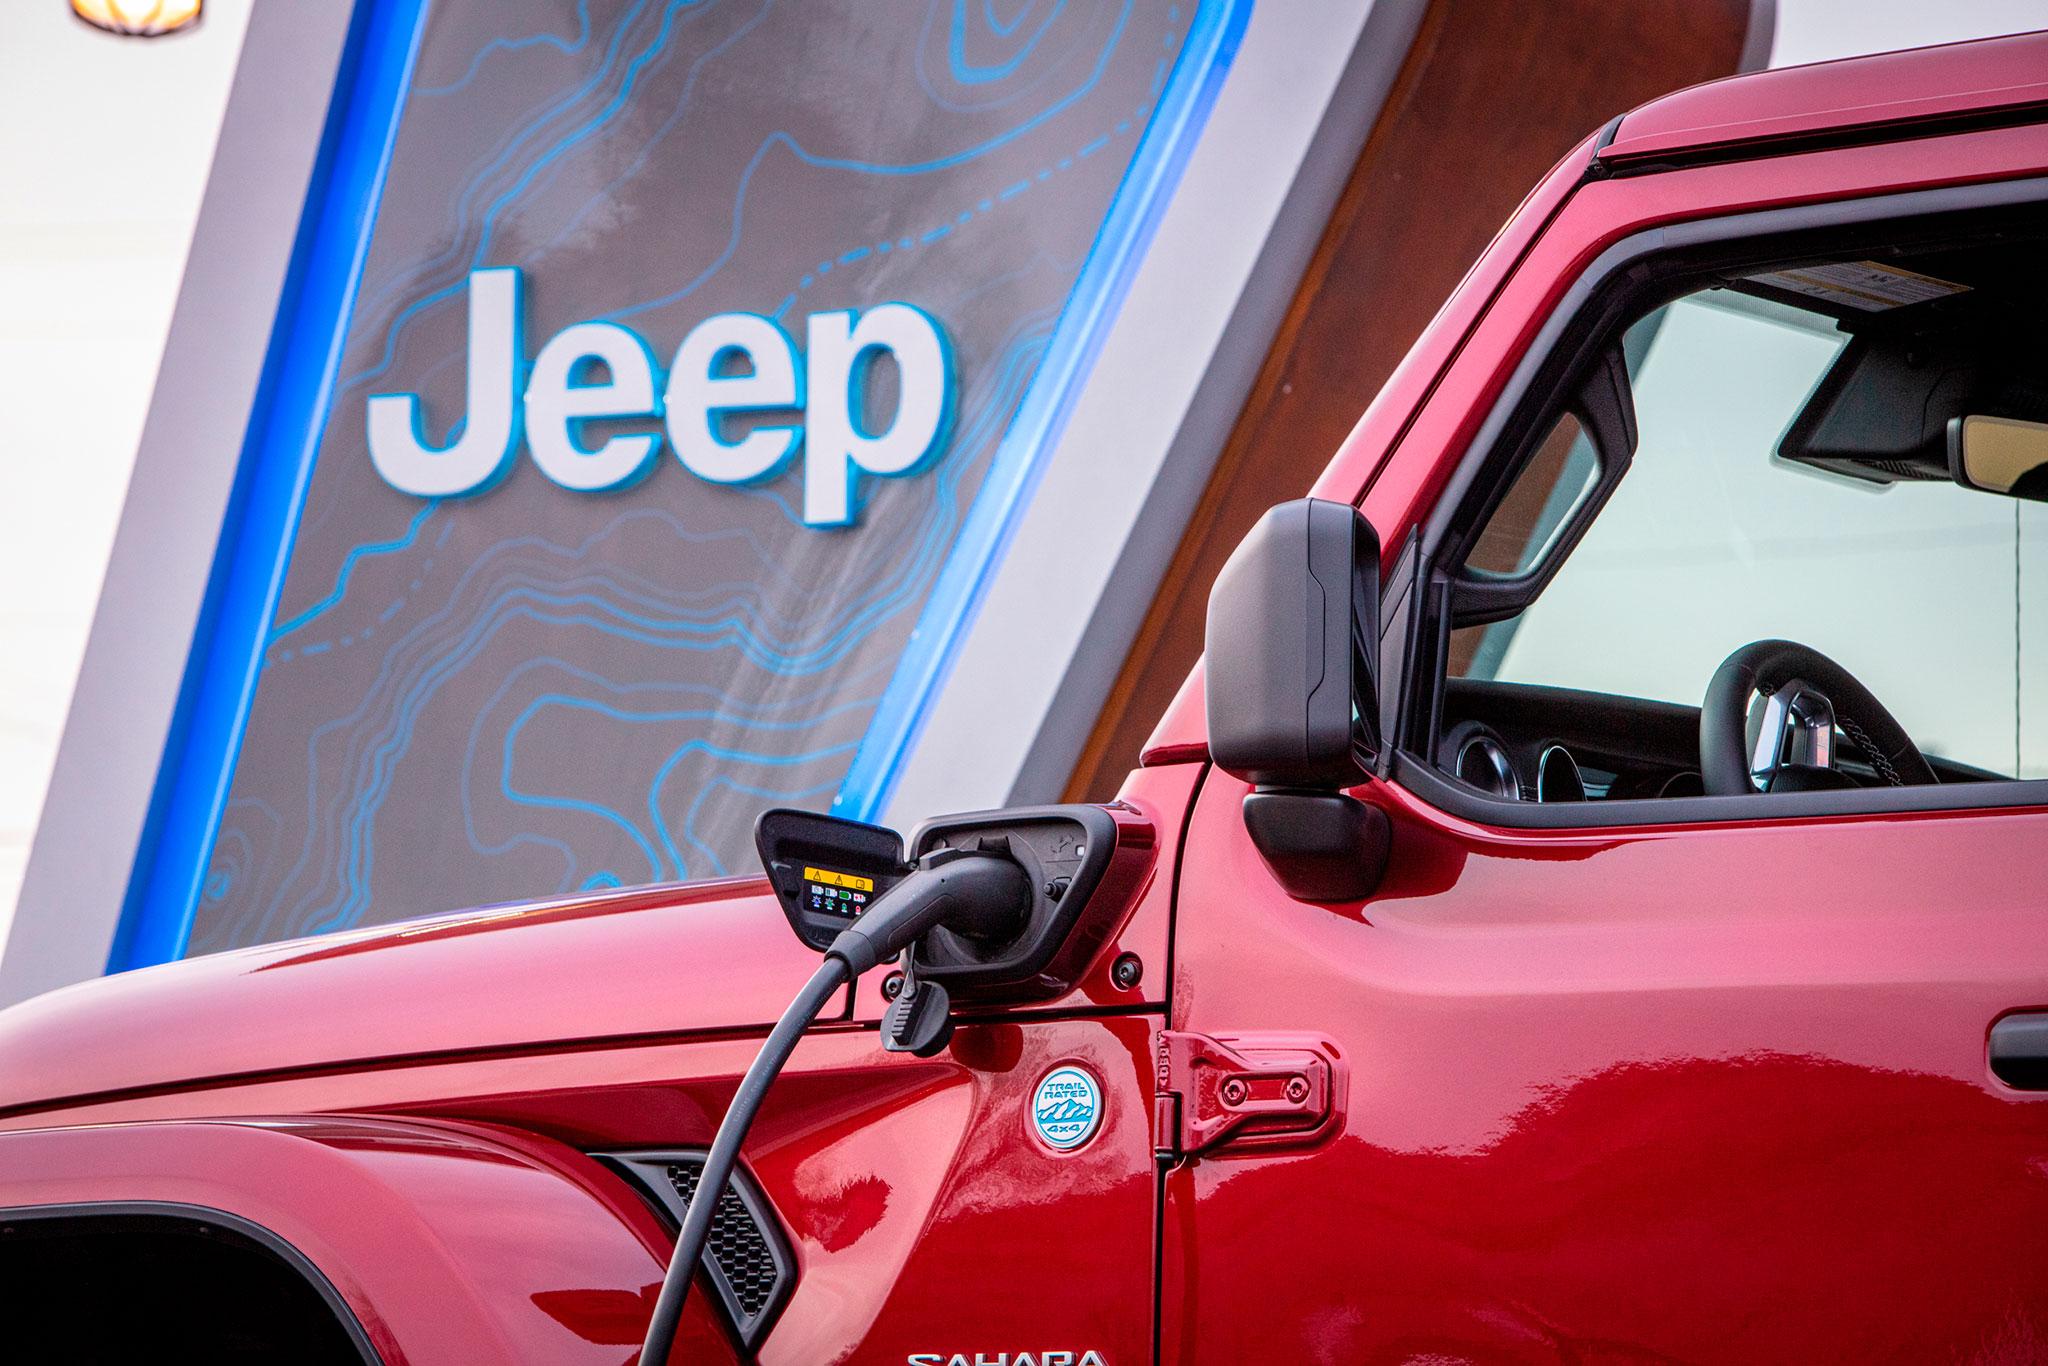 2021 Jeep Wrangler 4xe pourquoi la prise de recharge se trouve-t-elle côté conducteur